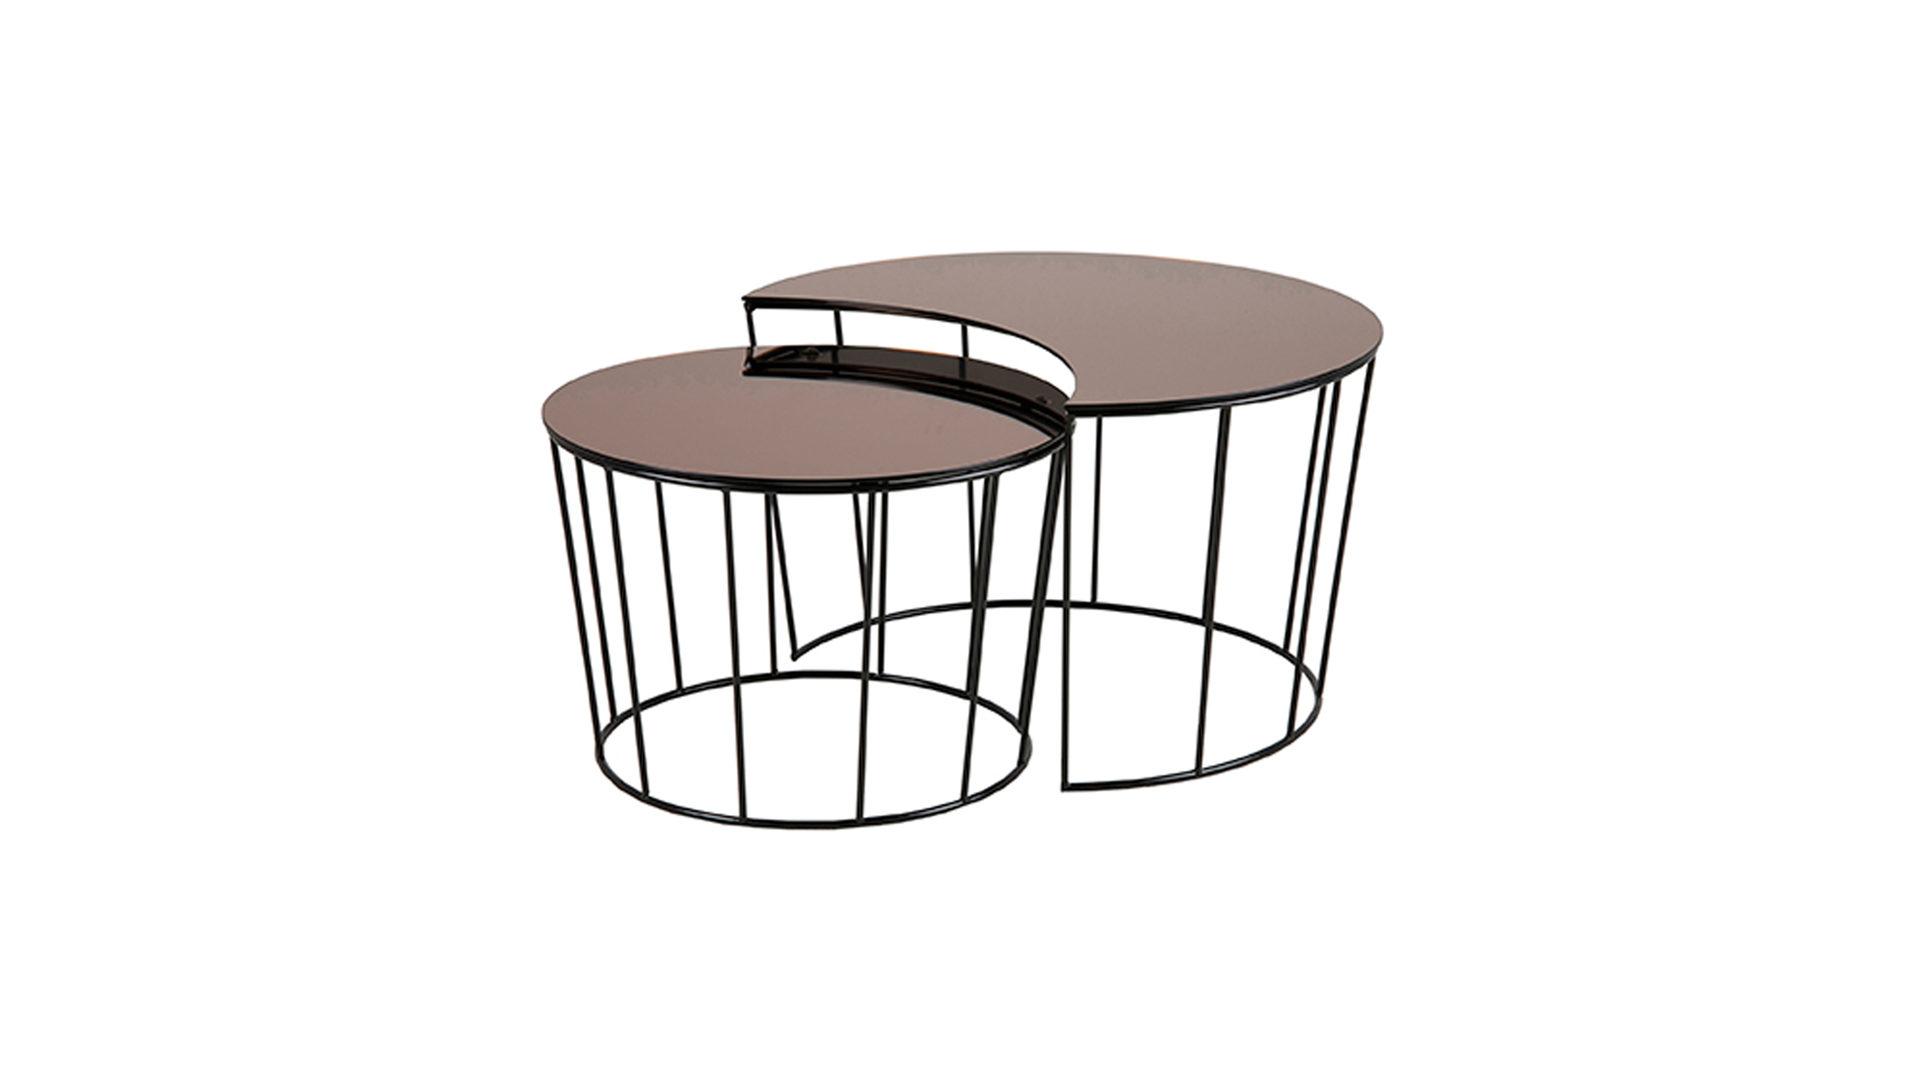 Couchtisch Actona Aus Glas In Metallfarben Couchtisch Set Als Attraktives  Wohnzimmermöbel Bronzefarbenes Glas U0026 Schwarzes